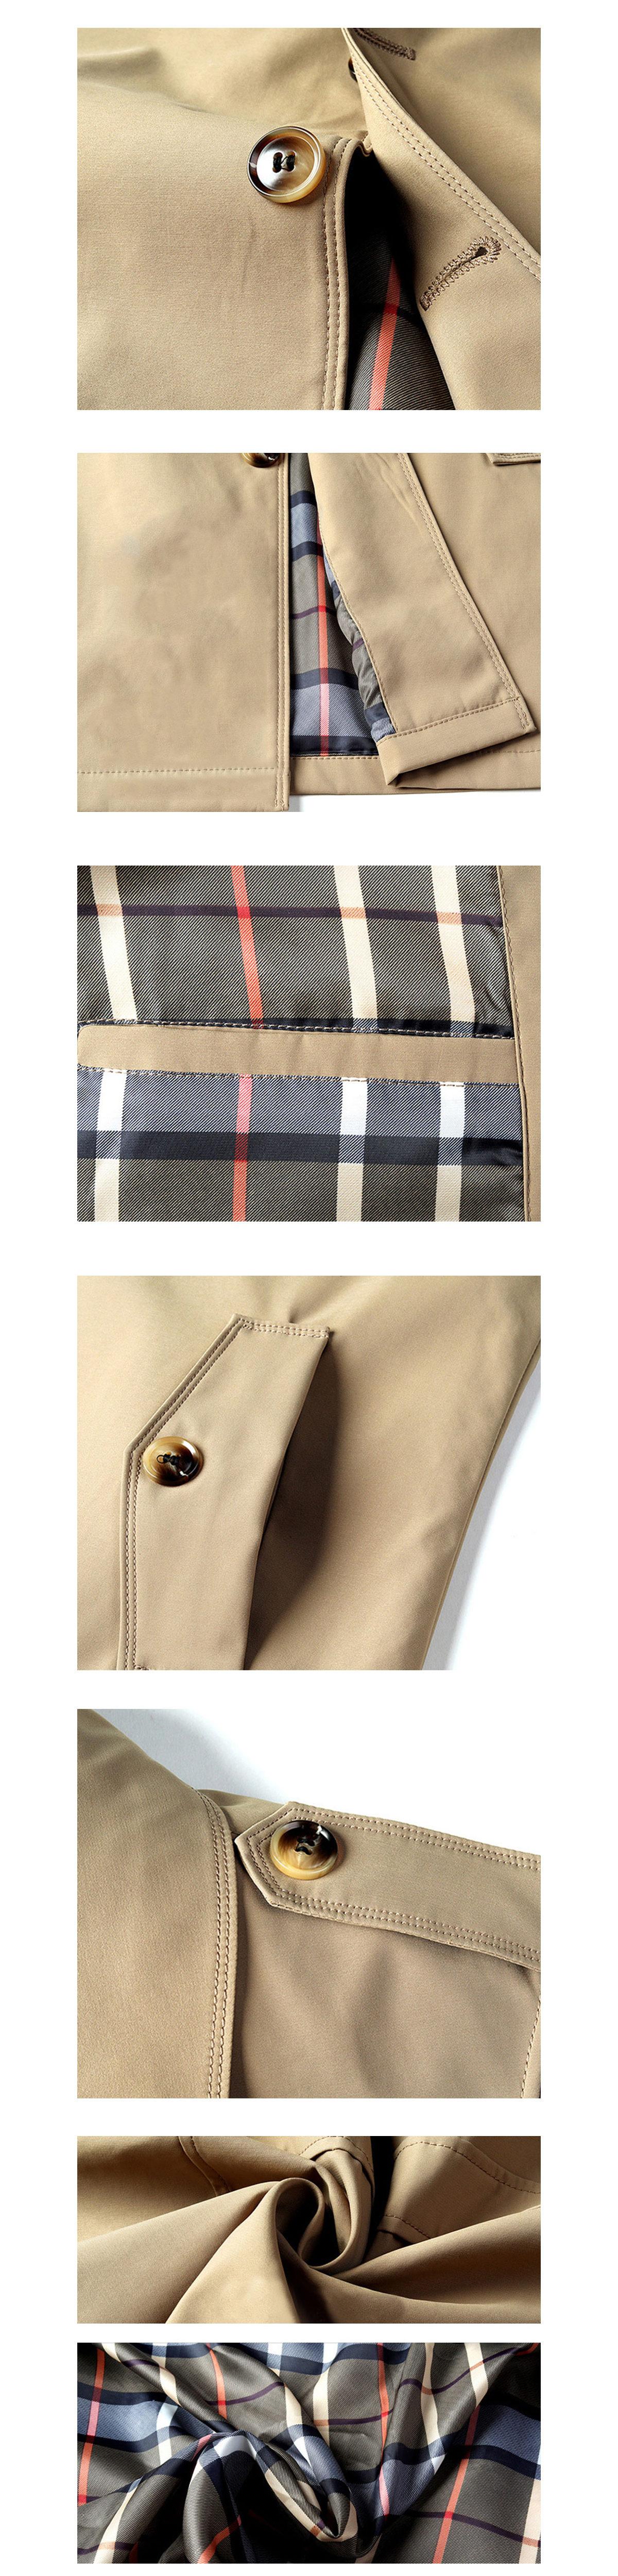 英倫紳士風格單品.專櫃高質感風衣外套